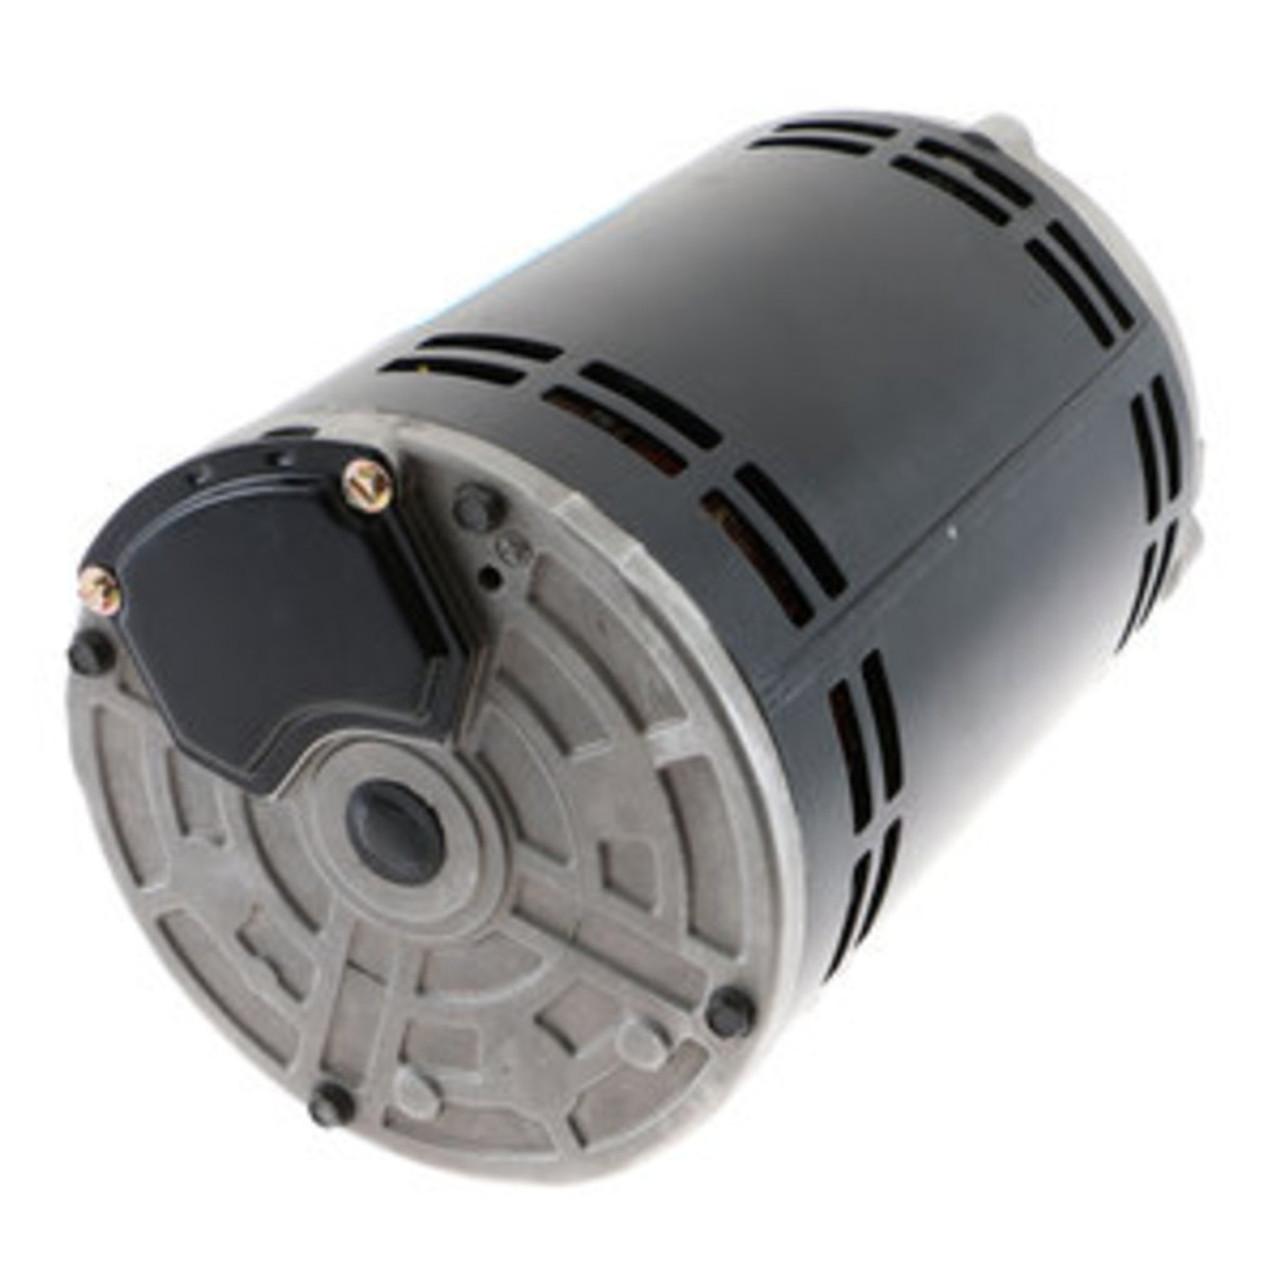 TorRey - ST305AI - Motor Kit - 3HP 220 Volt 3 Phase - 05-71517